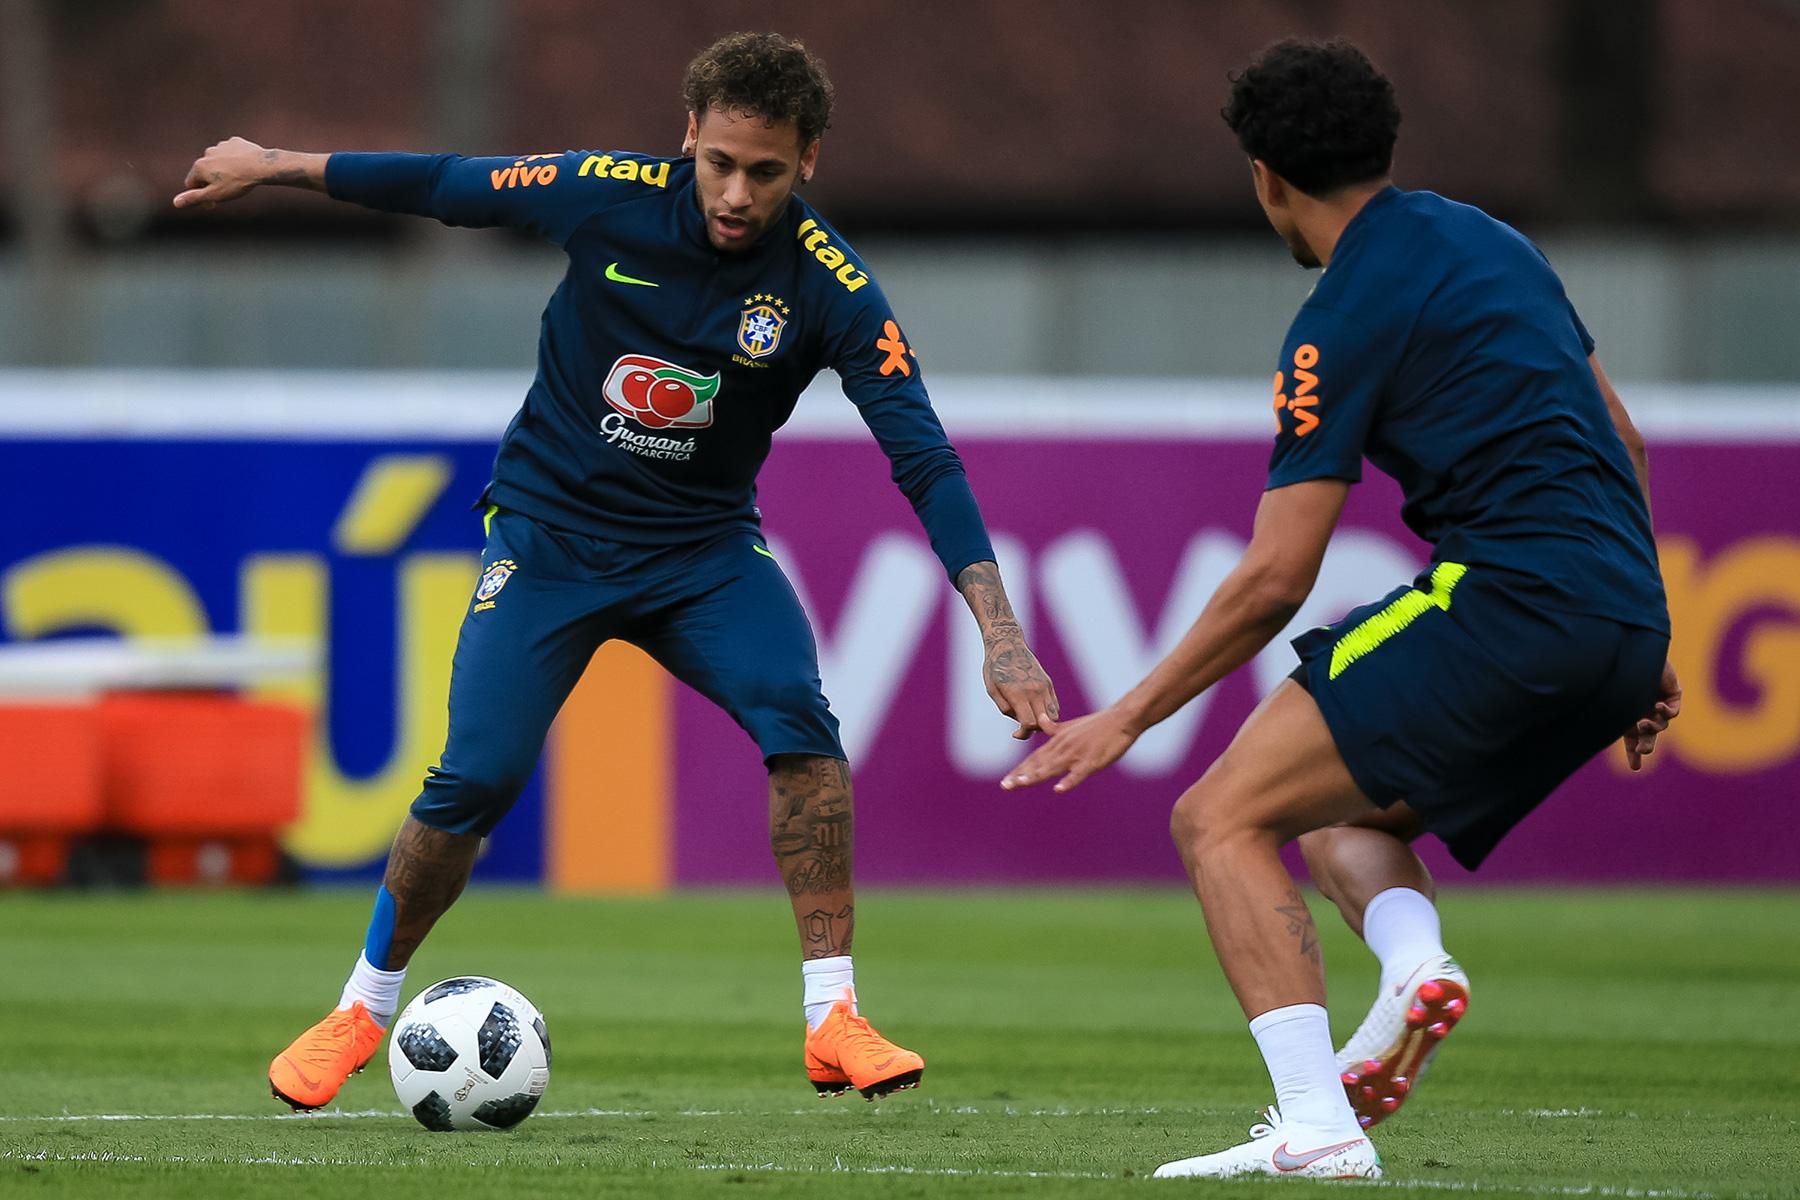 เนย์มาร์ และ มาร์ควินญอส ติดทีมชาติบราซิล